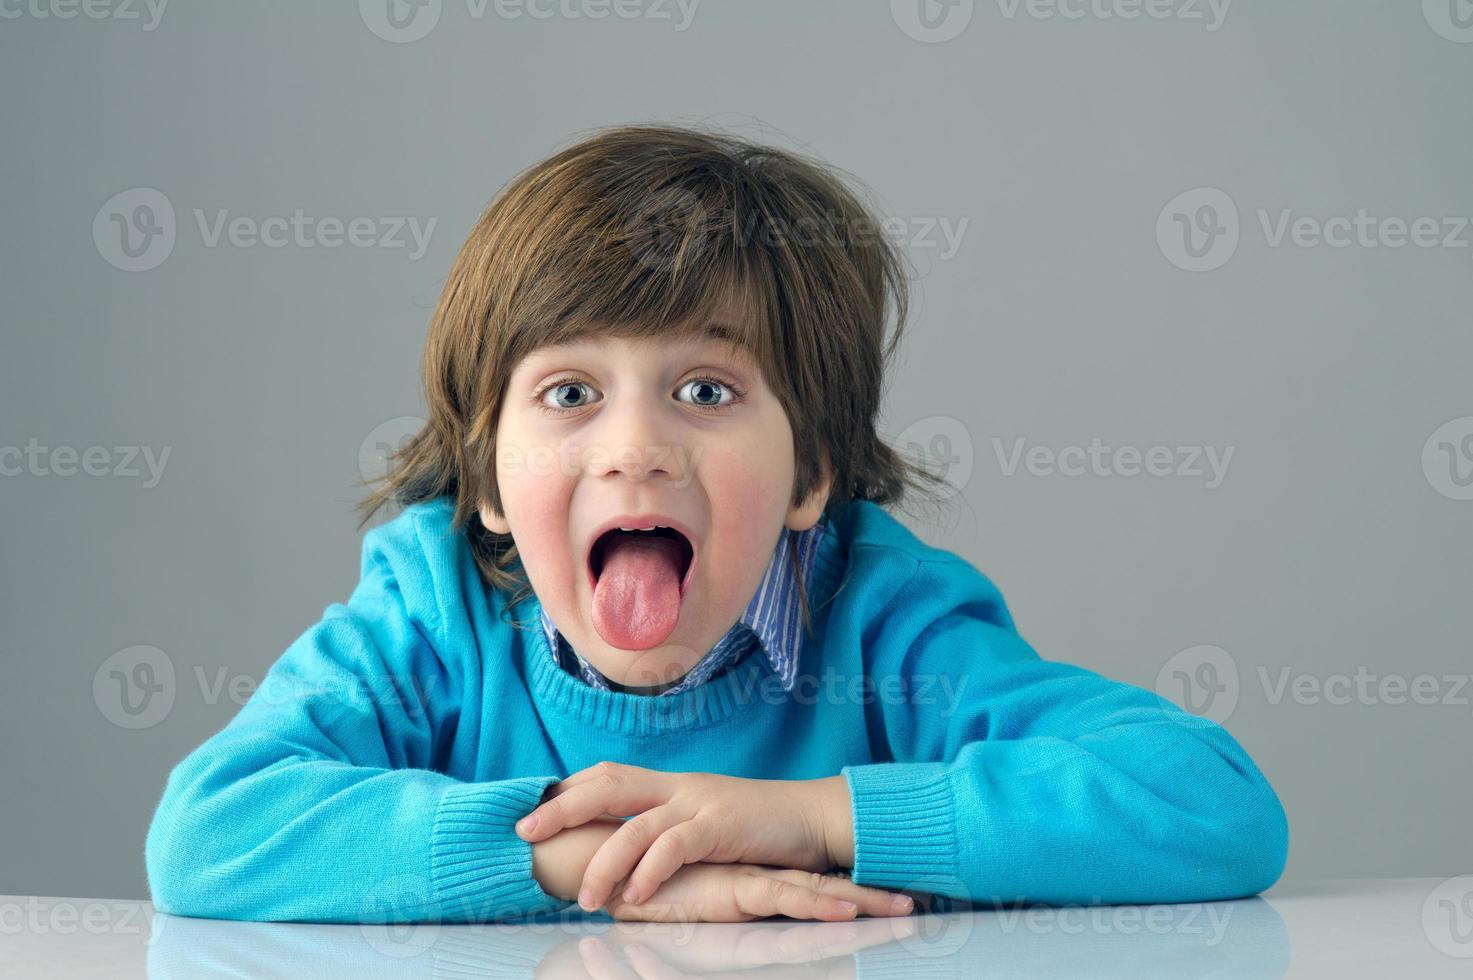 smart vacker unge som gör dumt ansikte isolerad på grått foto